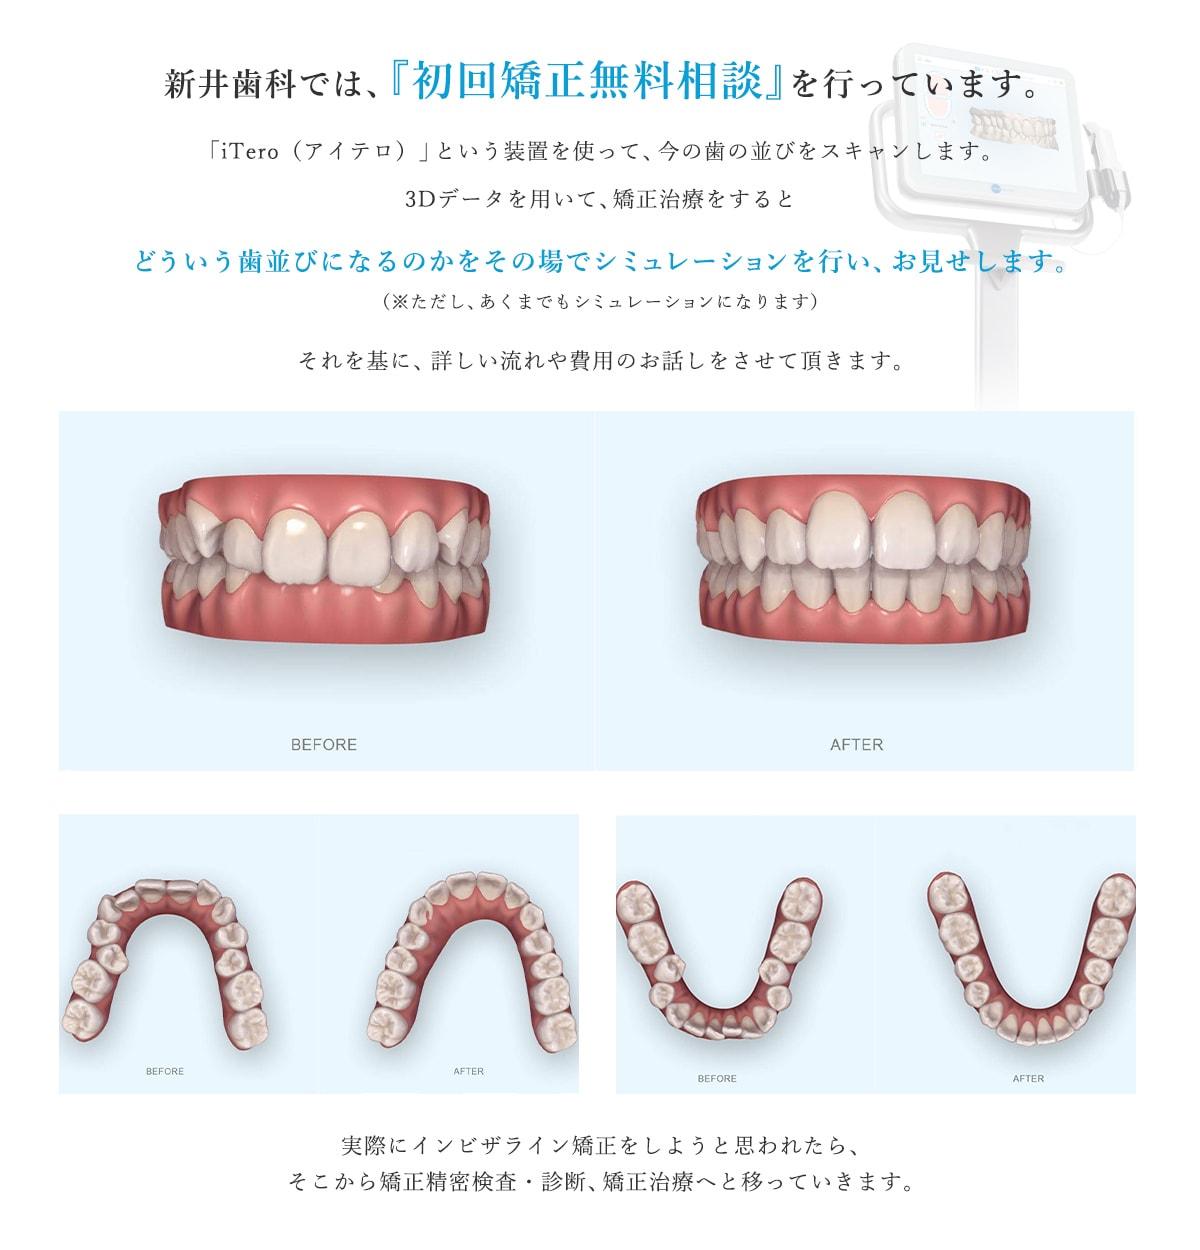 新井歯科では、『初回矯正無料相談』を行っています。